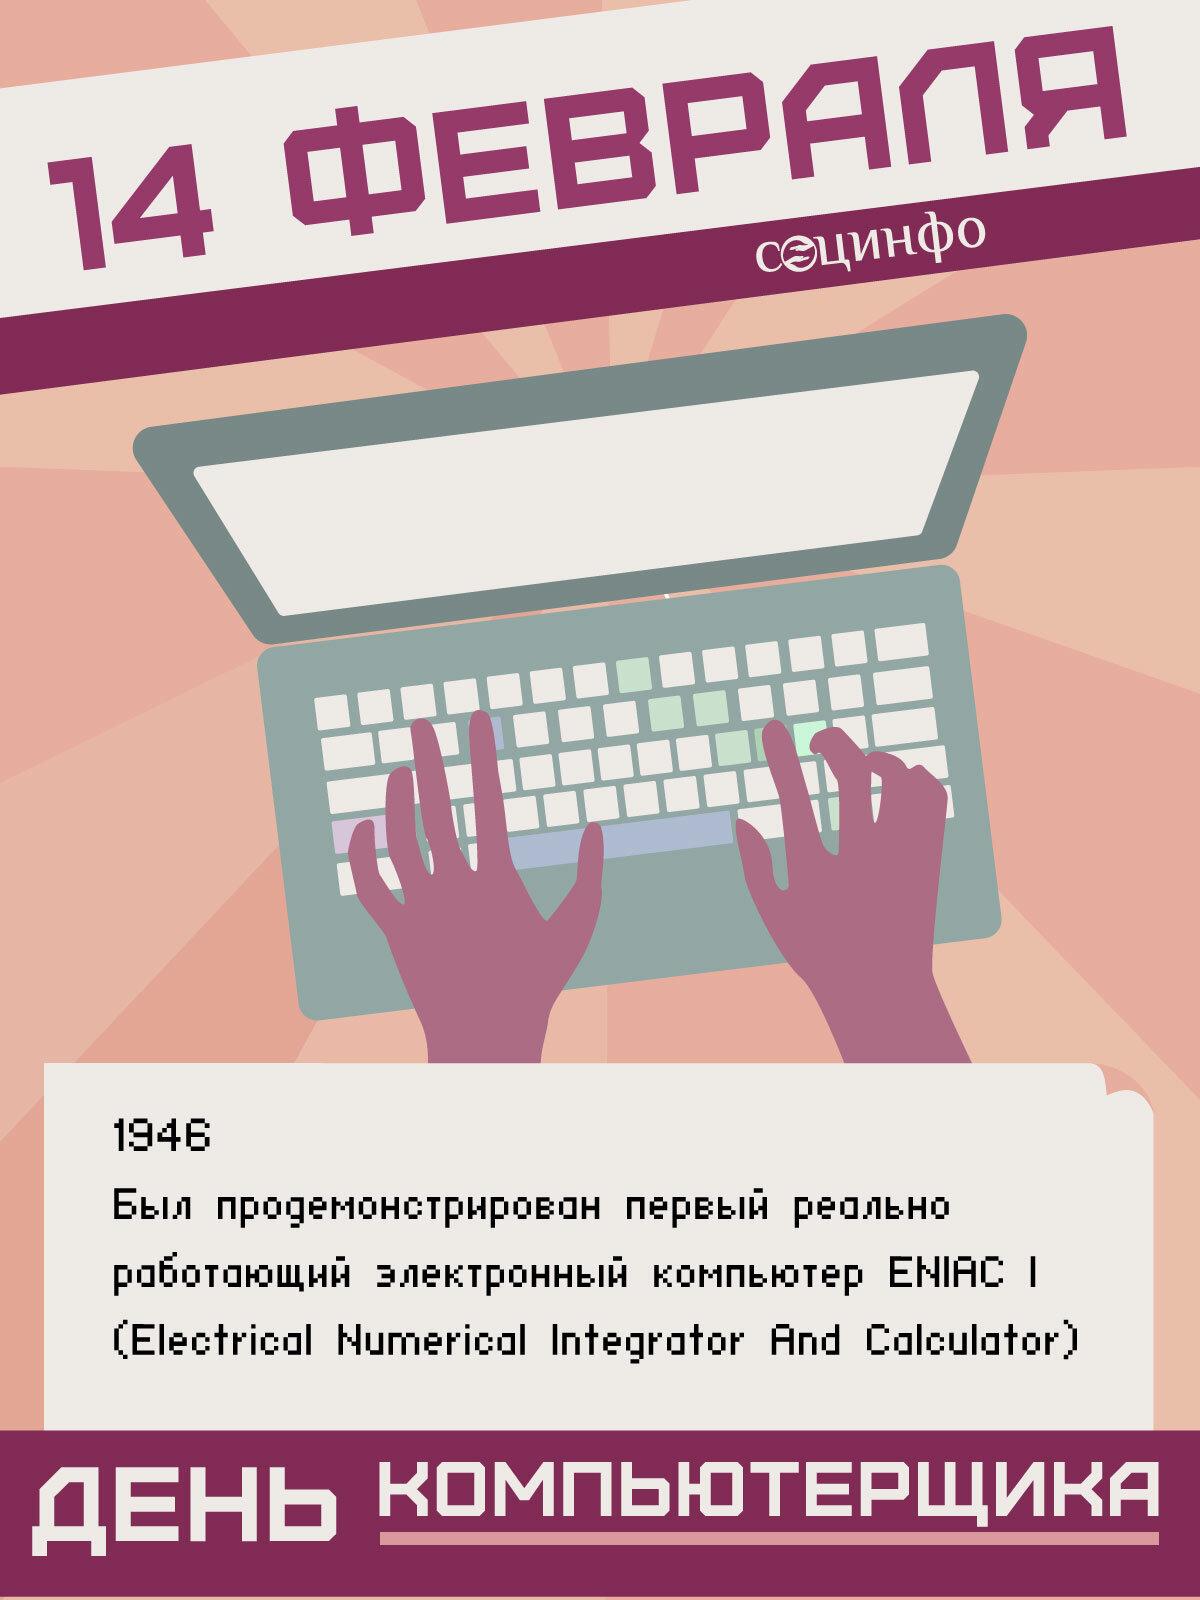 14 февраля день компьютерщика открытка